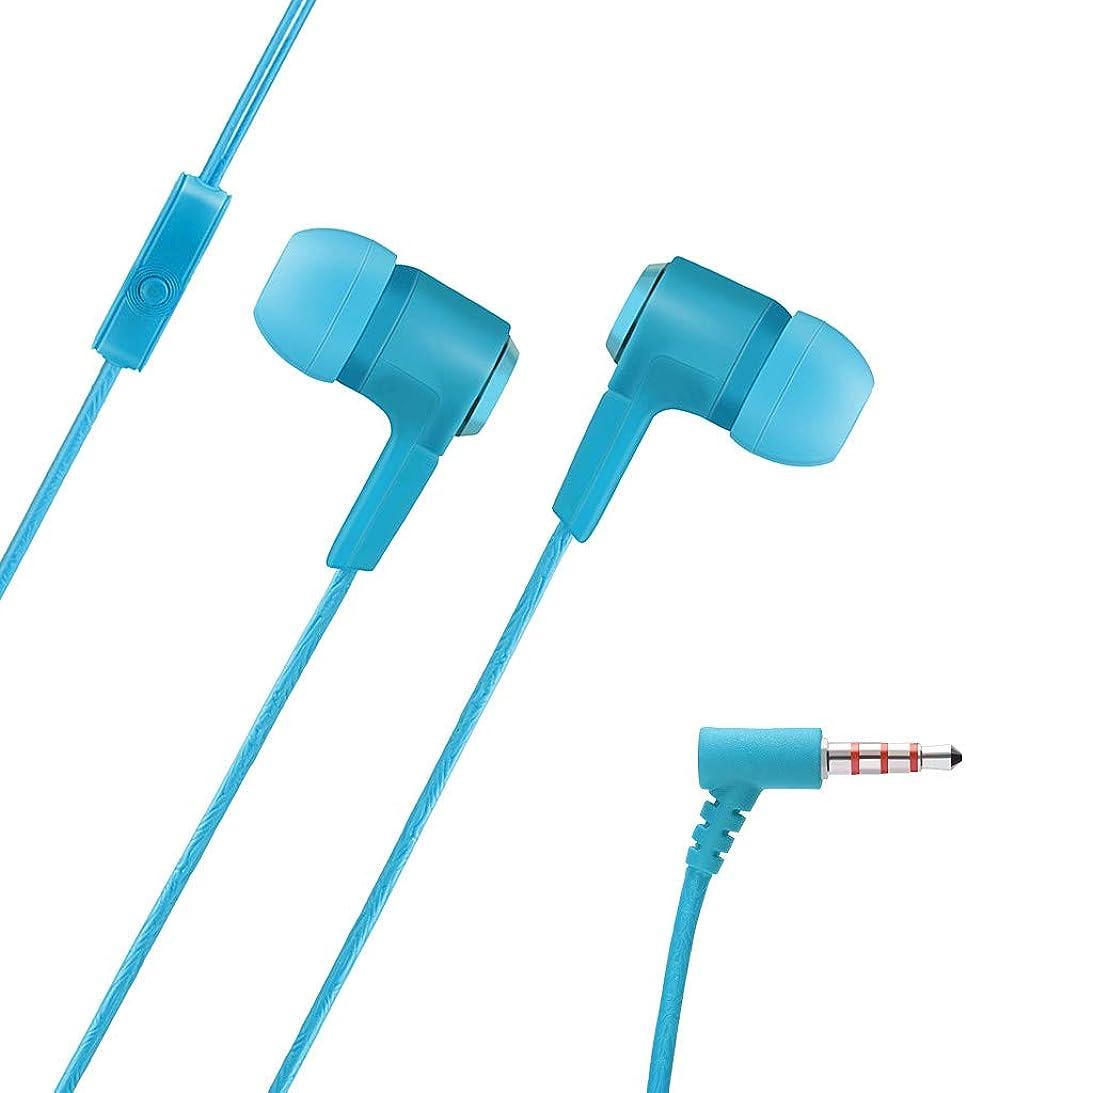 重大飲料振幅インイヤーステレオハイファイイヤホンベースイヤホンスポーツヘッドセット音楽ヘッドホン内蔵マイク重低音 軽量 ゲーミングイヤホン通話 騒音抑制